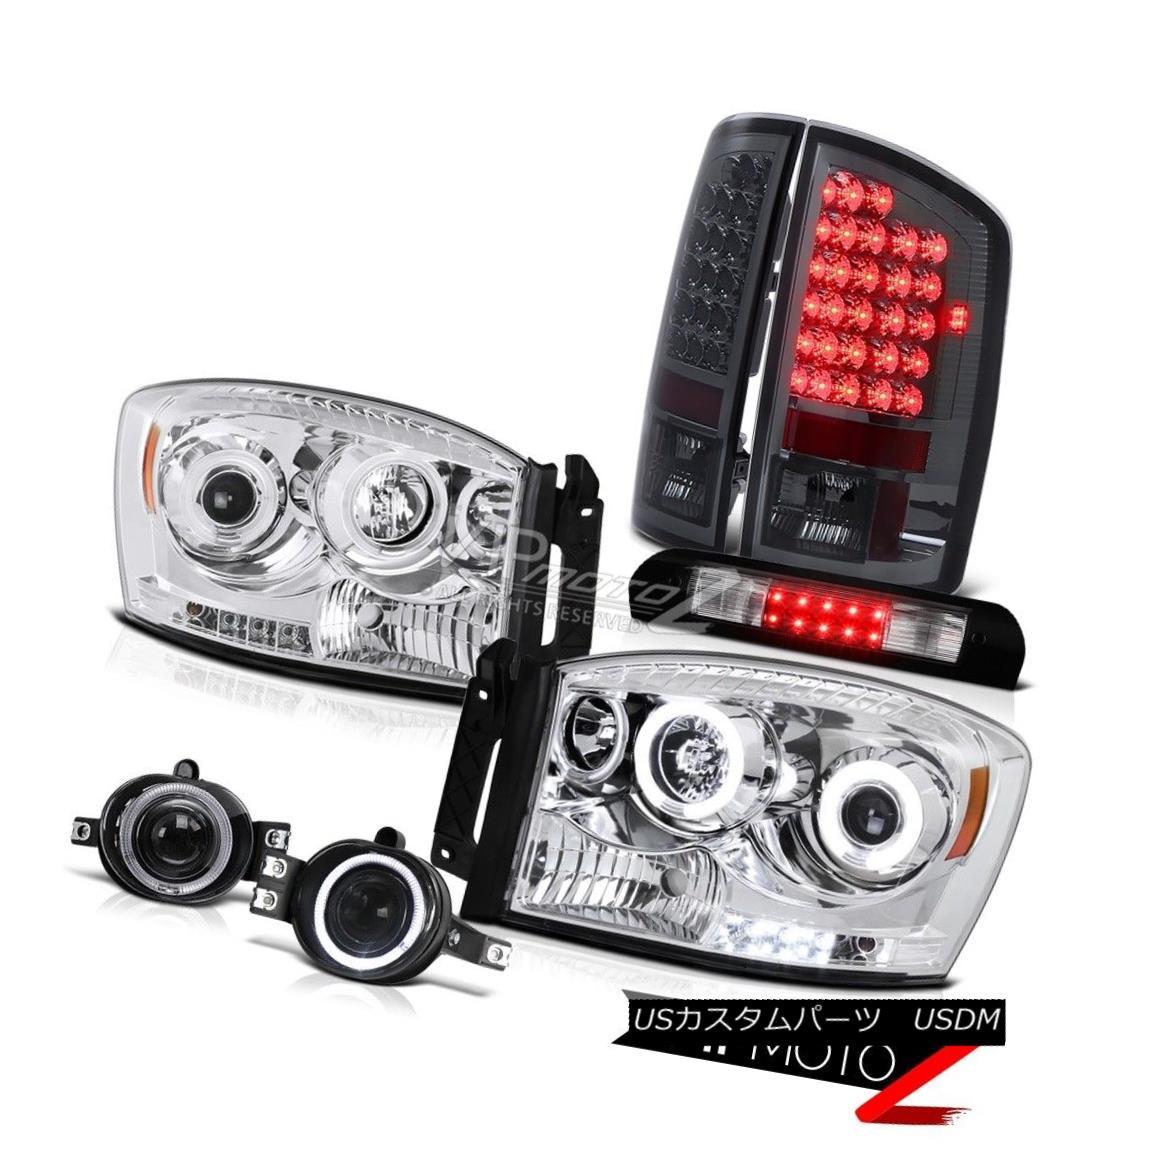 ヘッドライト CCFL Headlights Signal Tail Lights Driving Fog Roof LED 2006 Dodge Ram Magnum V8 CCFLヘッドライト信号テールライトドライビングフォグルーフLED 2006 Dodge Ram Magnum V8